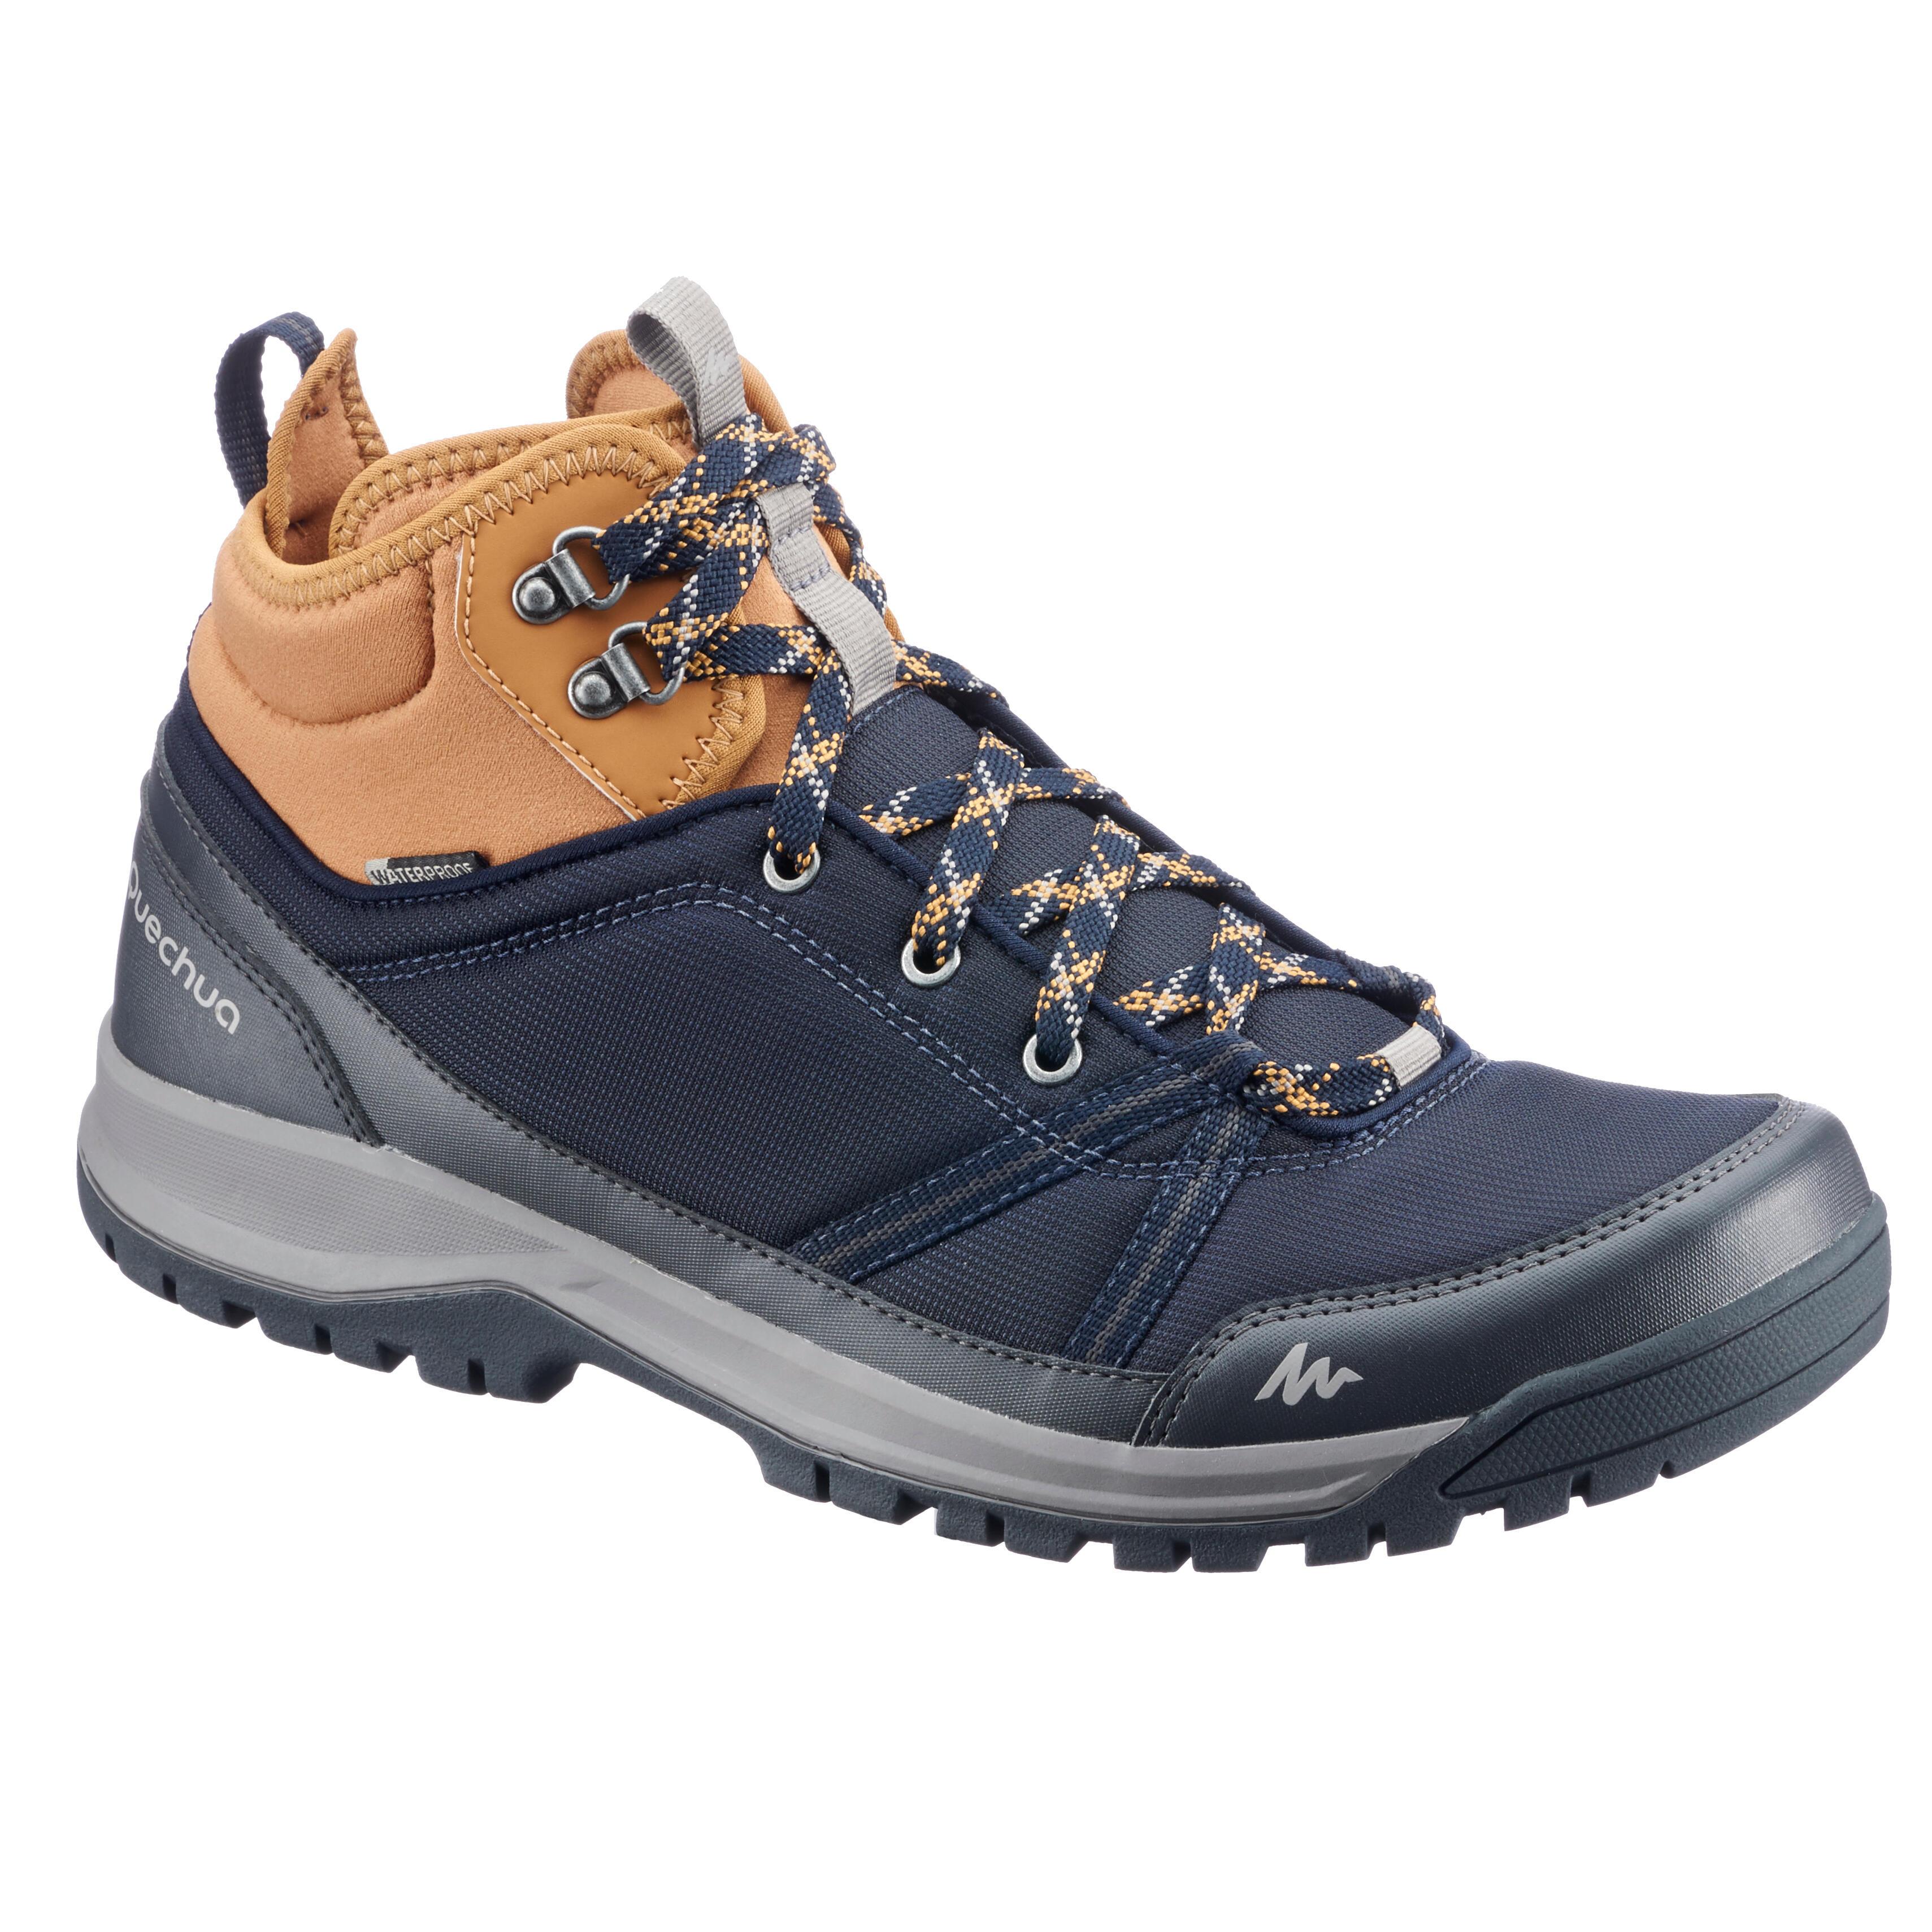 7605090cd0e Comprar Botas de Montaña y Trekking